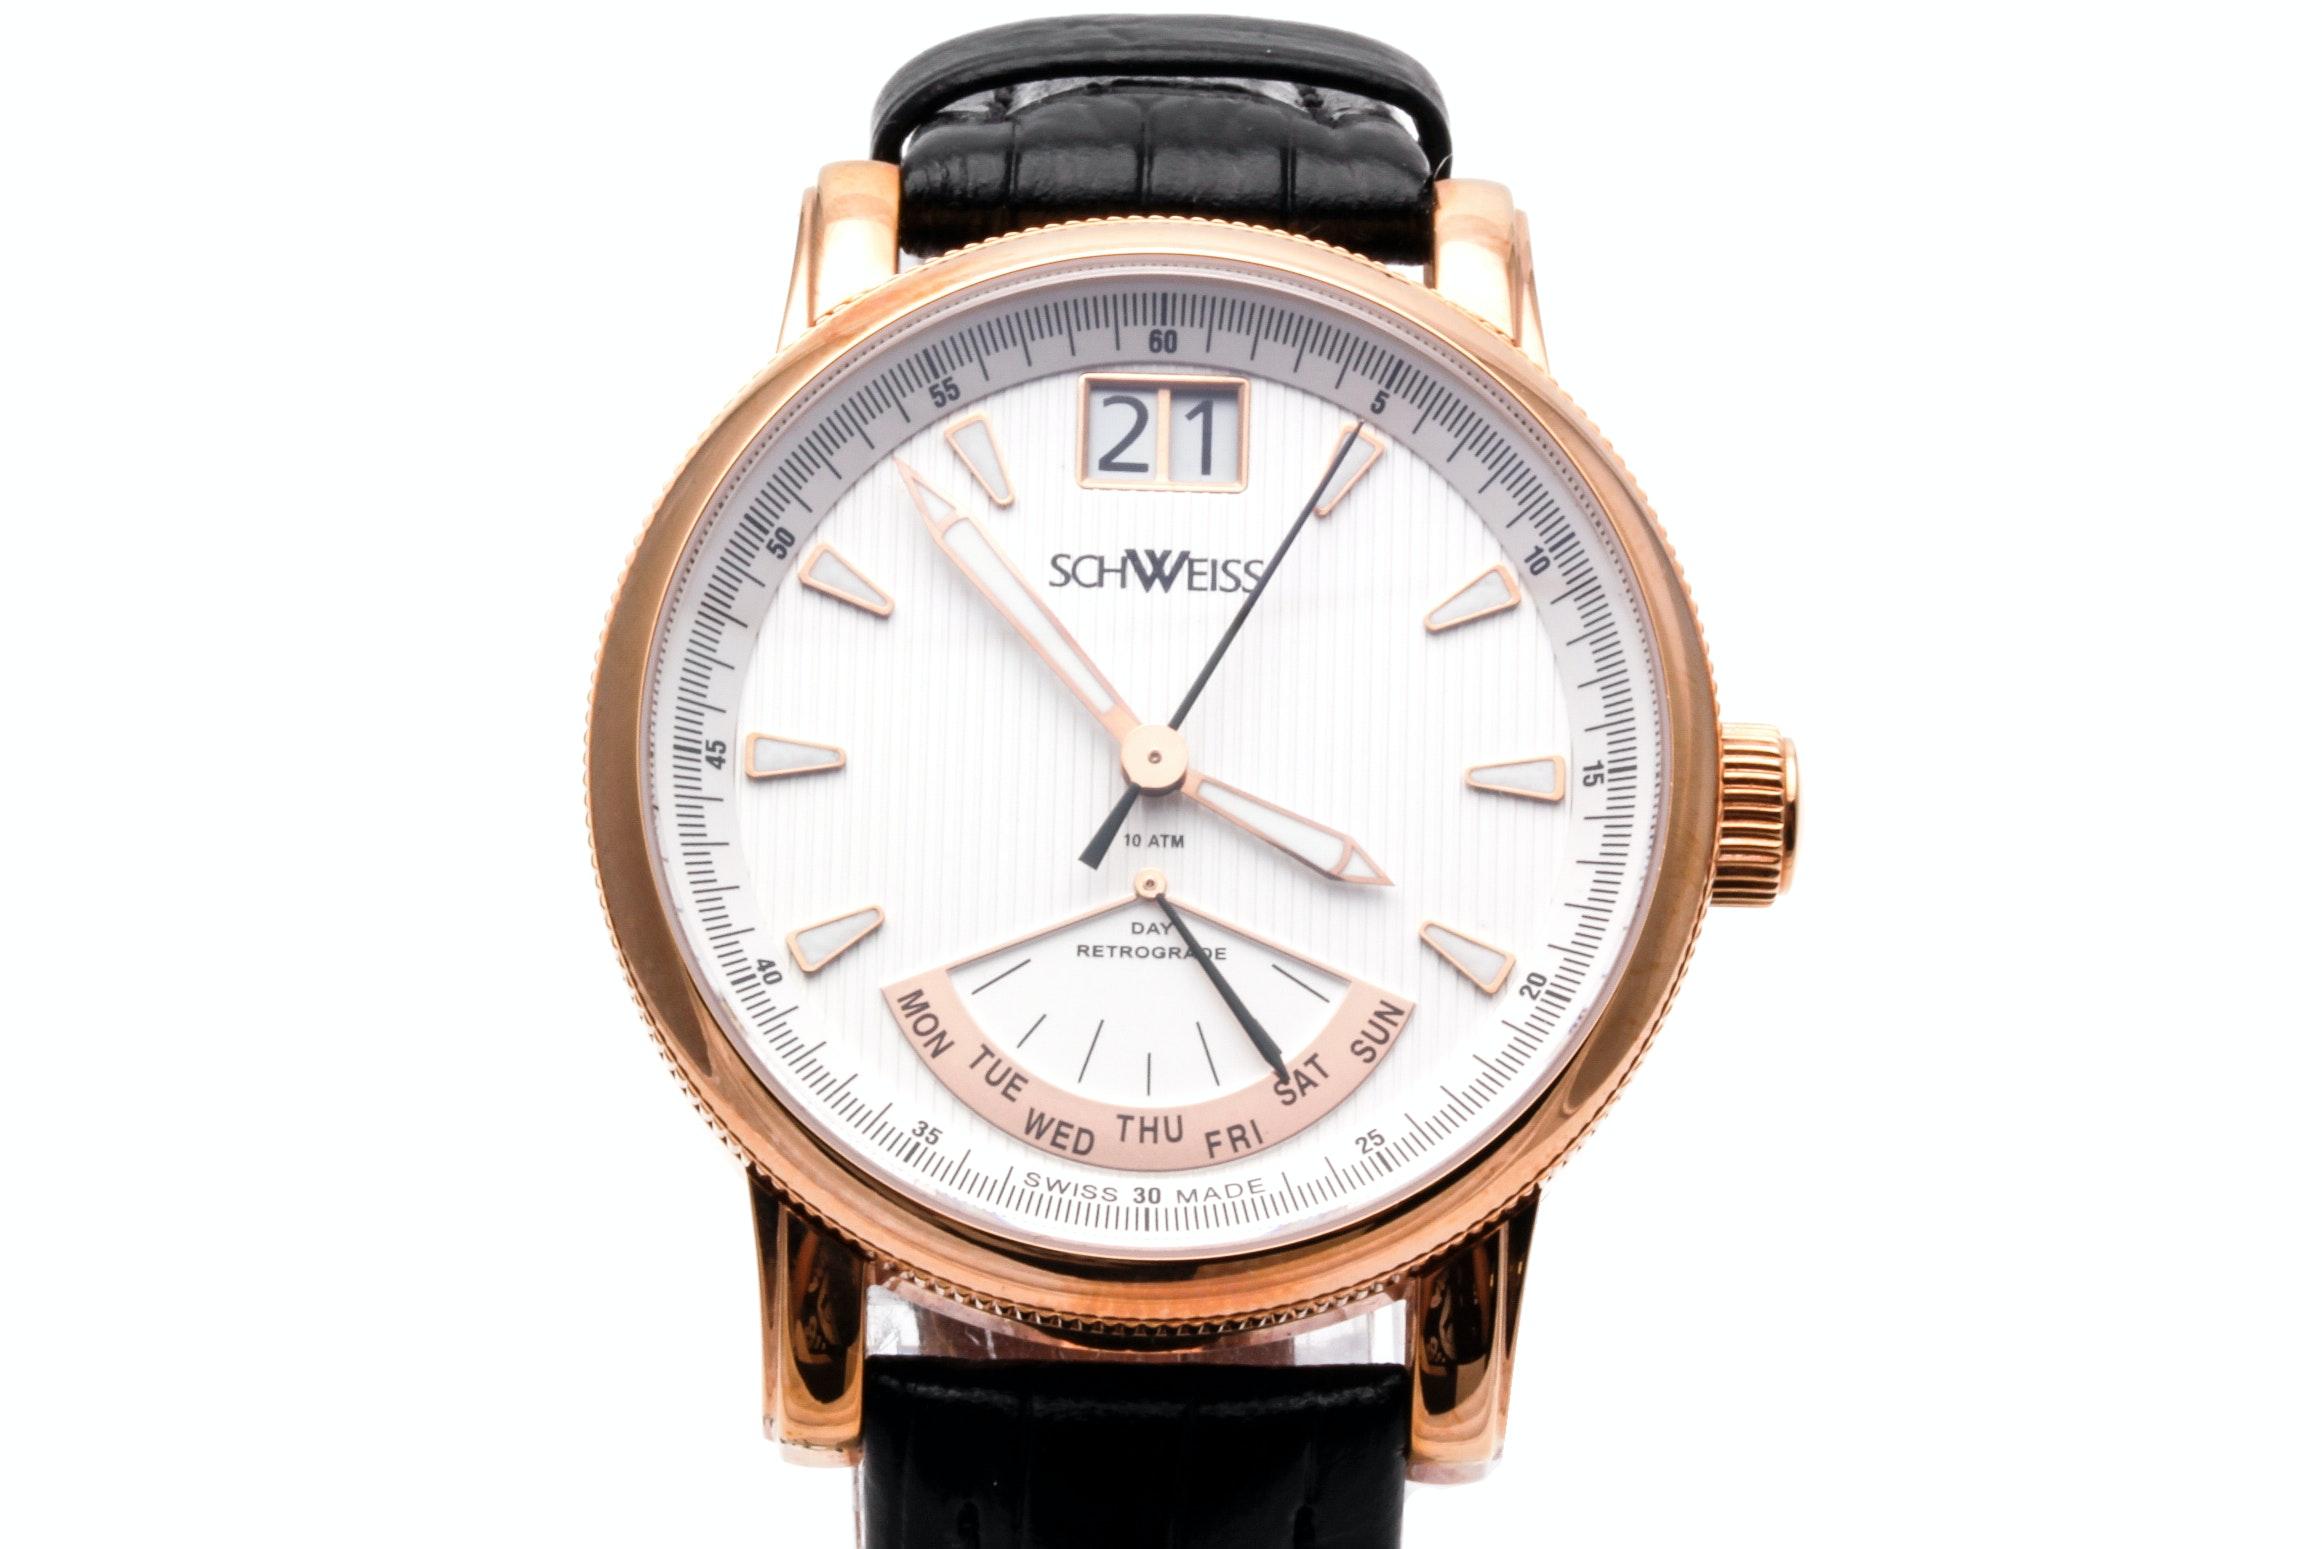 Schweiss Wristwatch